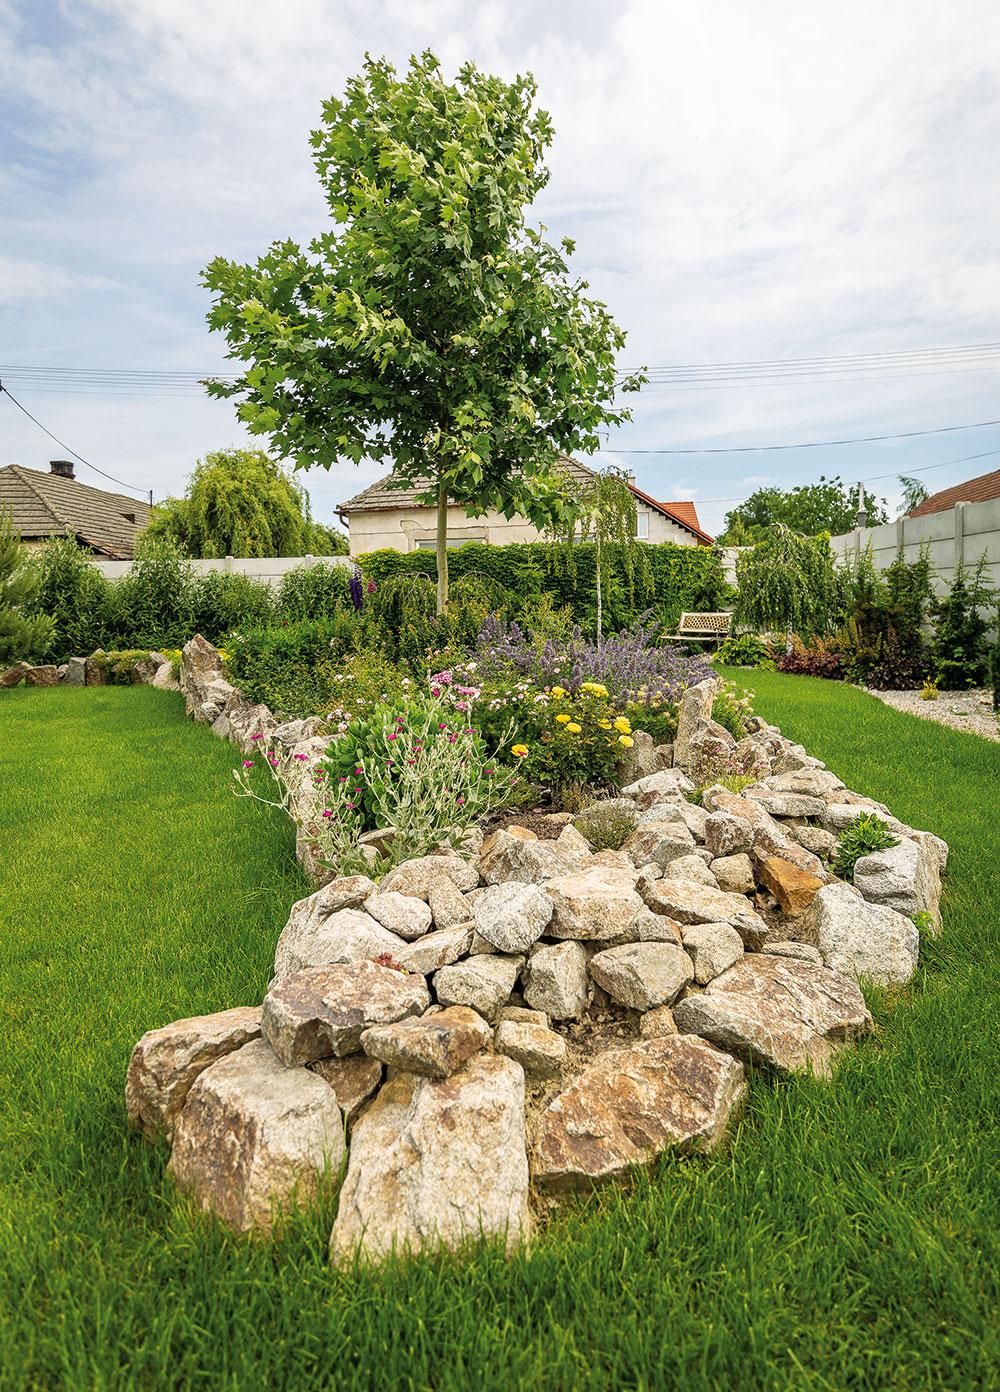 Mladý platan má čestné místo vcentrální části zahrady, kde má dostatek prostoru kzdravému růstu. Vdospělosti bude nádhernou dominantou. Kolem něj se vine dlouhý trvalkový záhon svelkým množstvím různých květin, půdopokryvných dřevin akeřů nízkého vzrůstu. FOTO MIRO POCHYBA